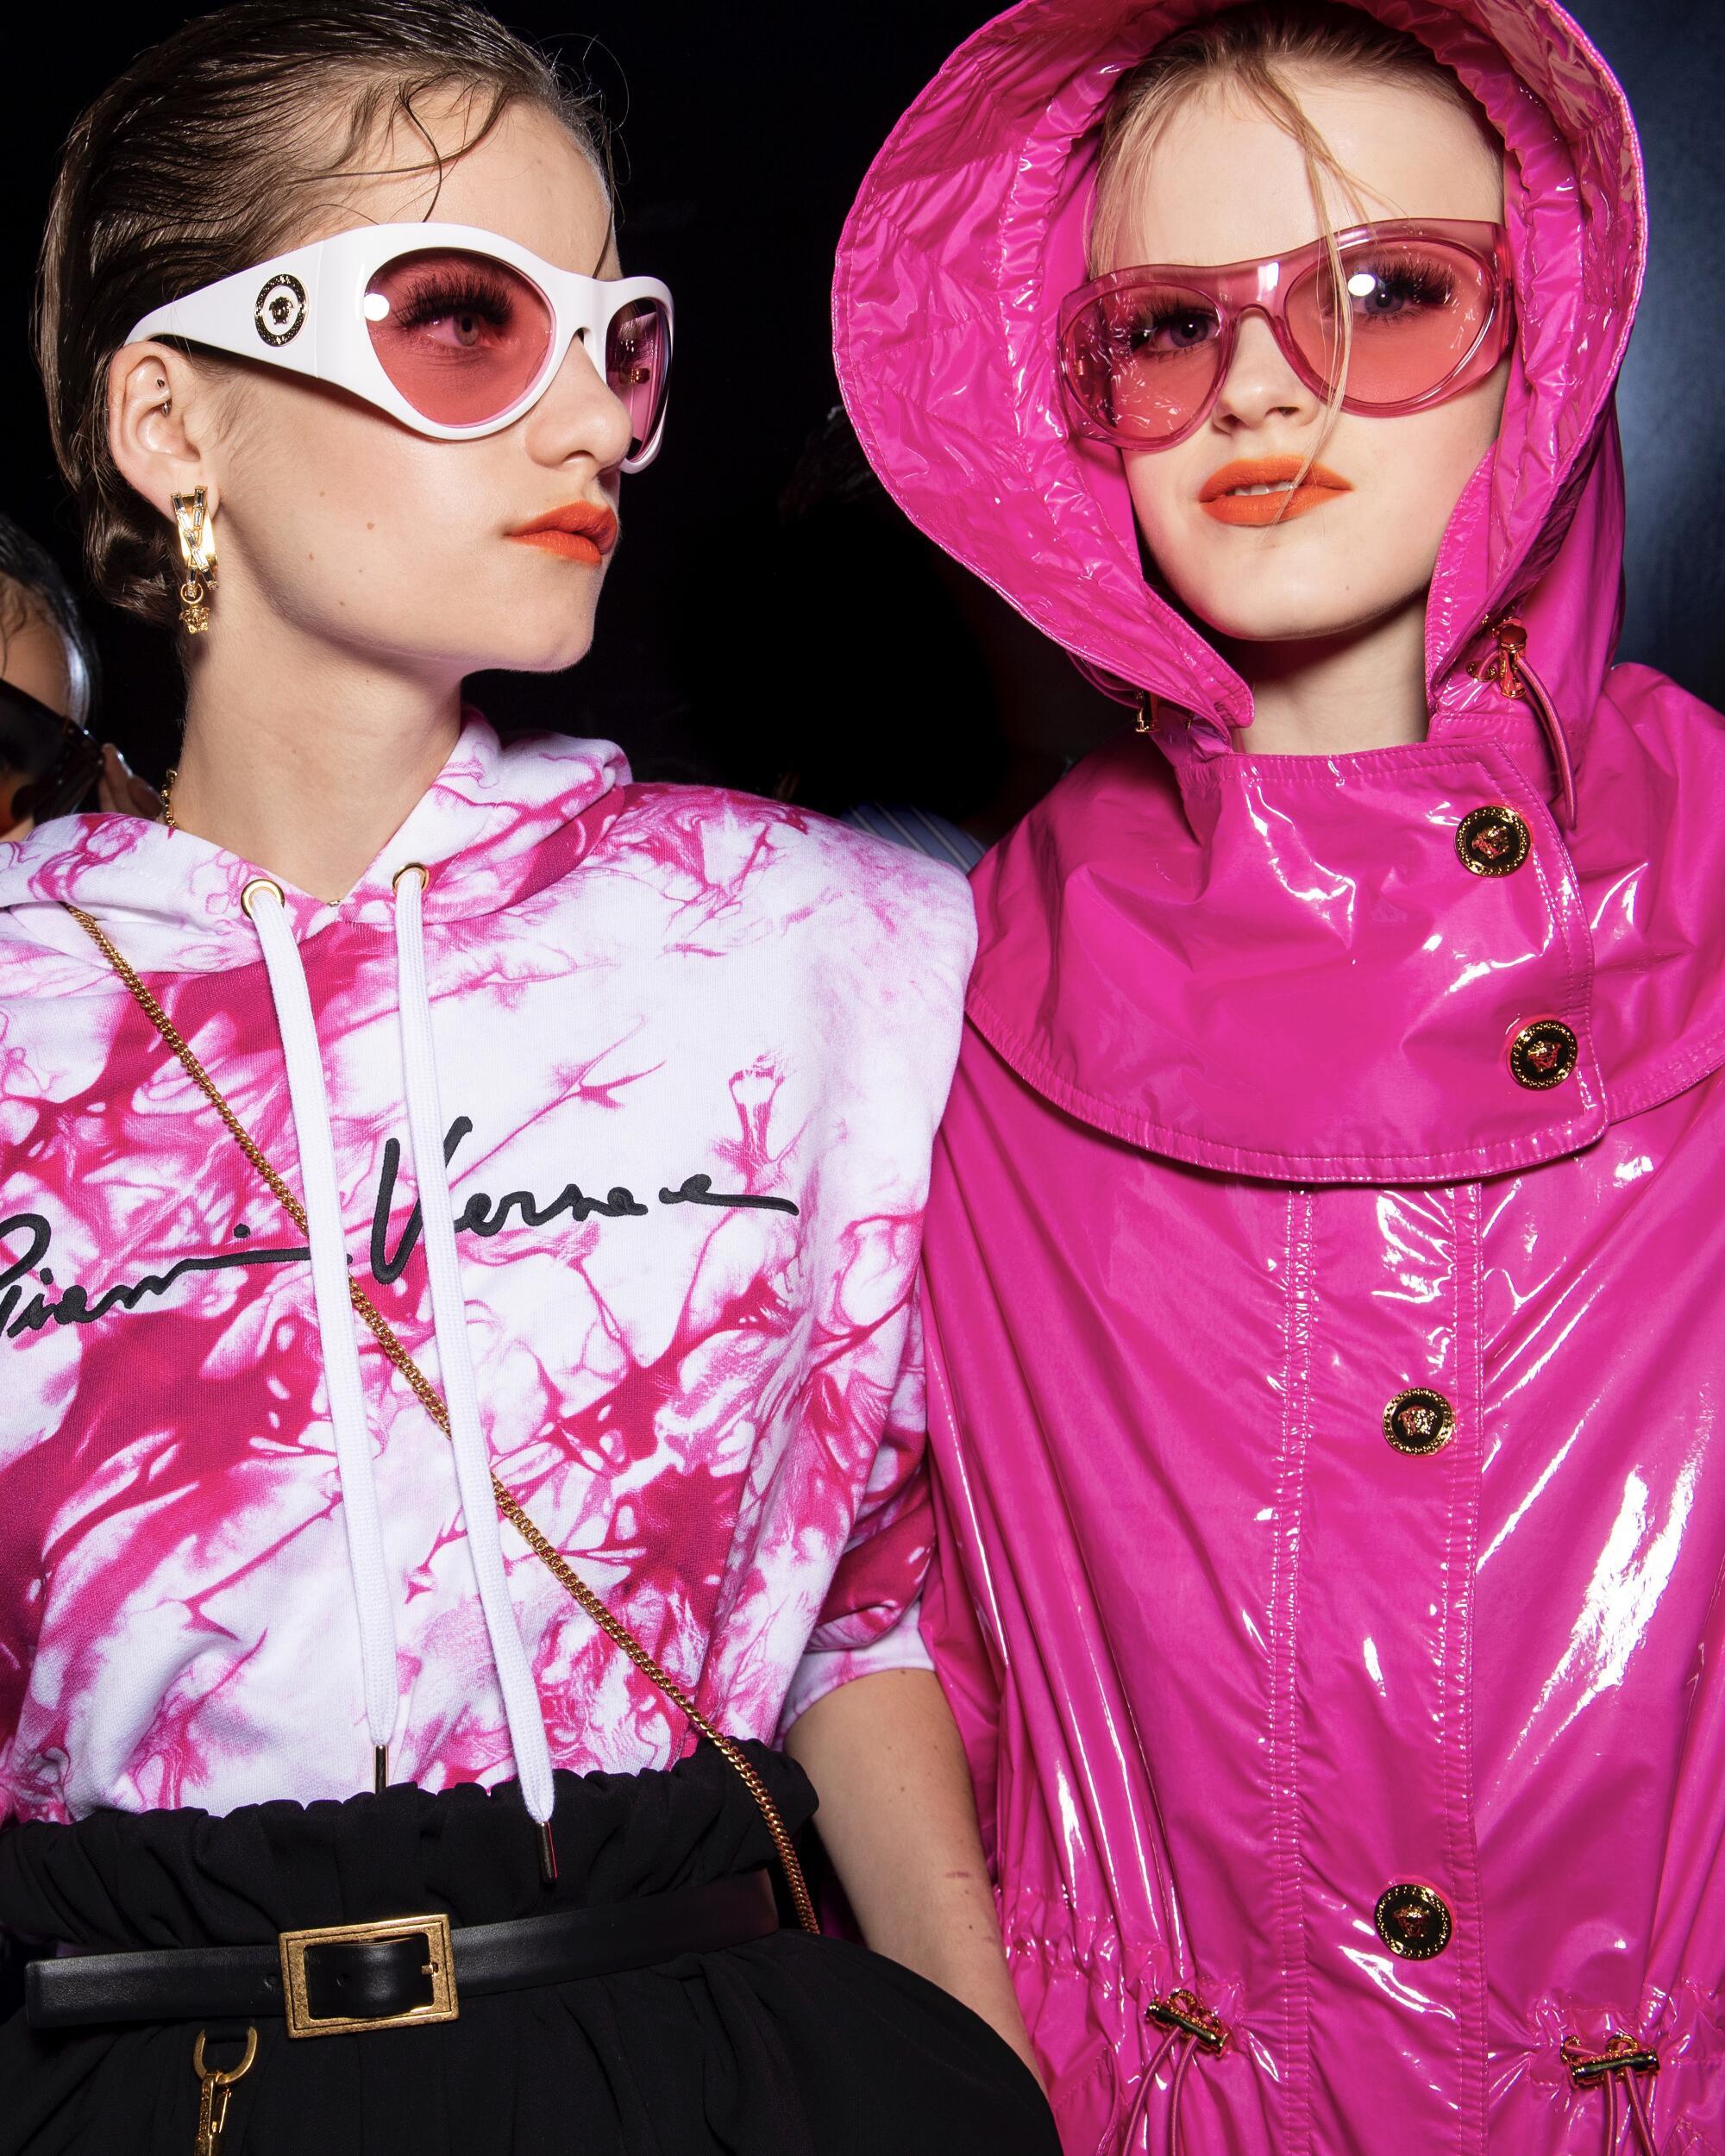 Backstage Versace Models